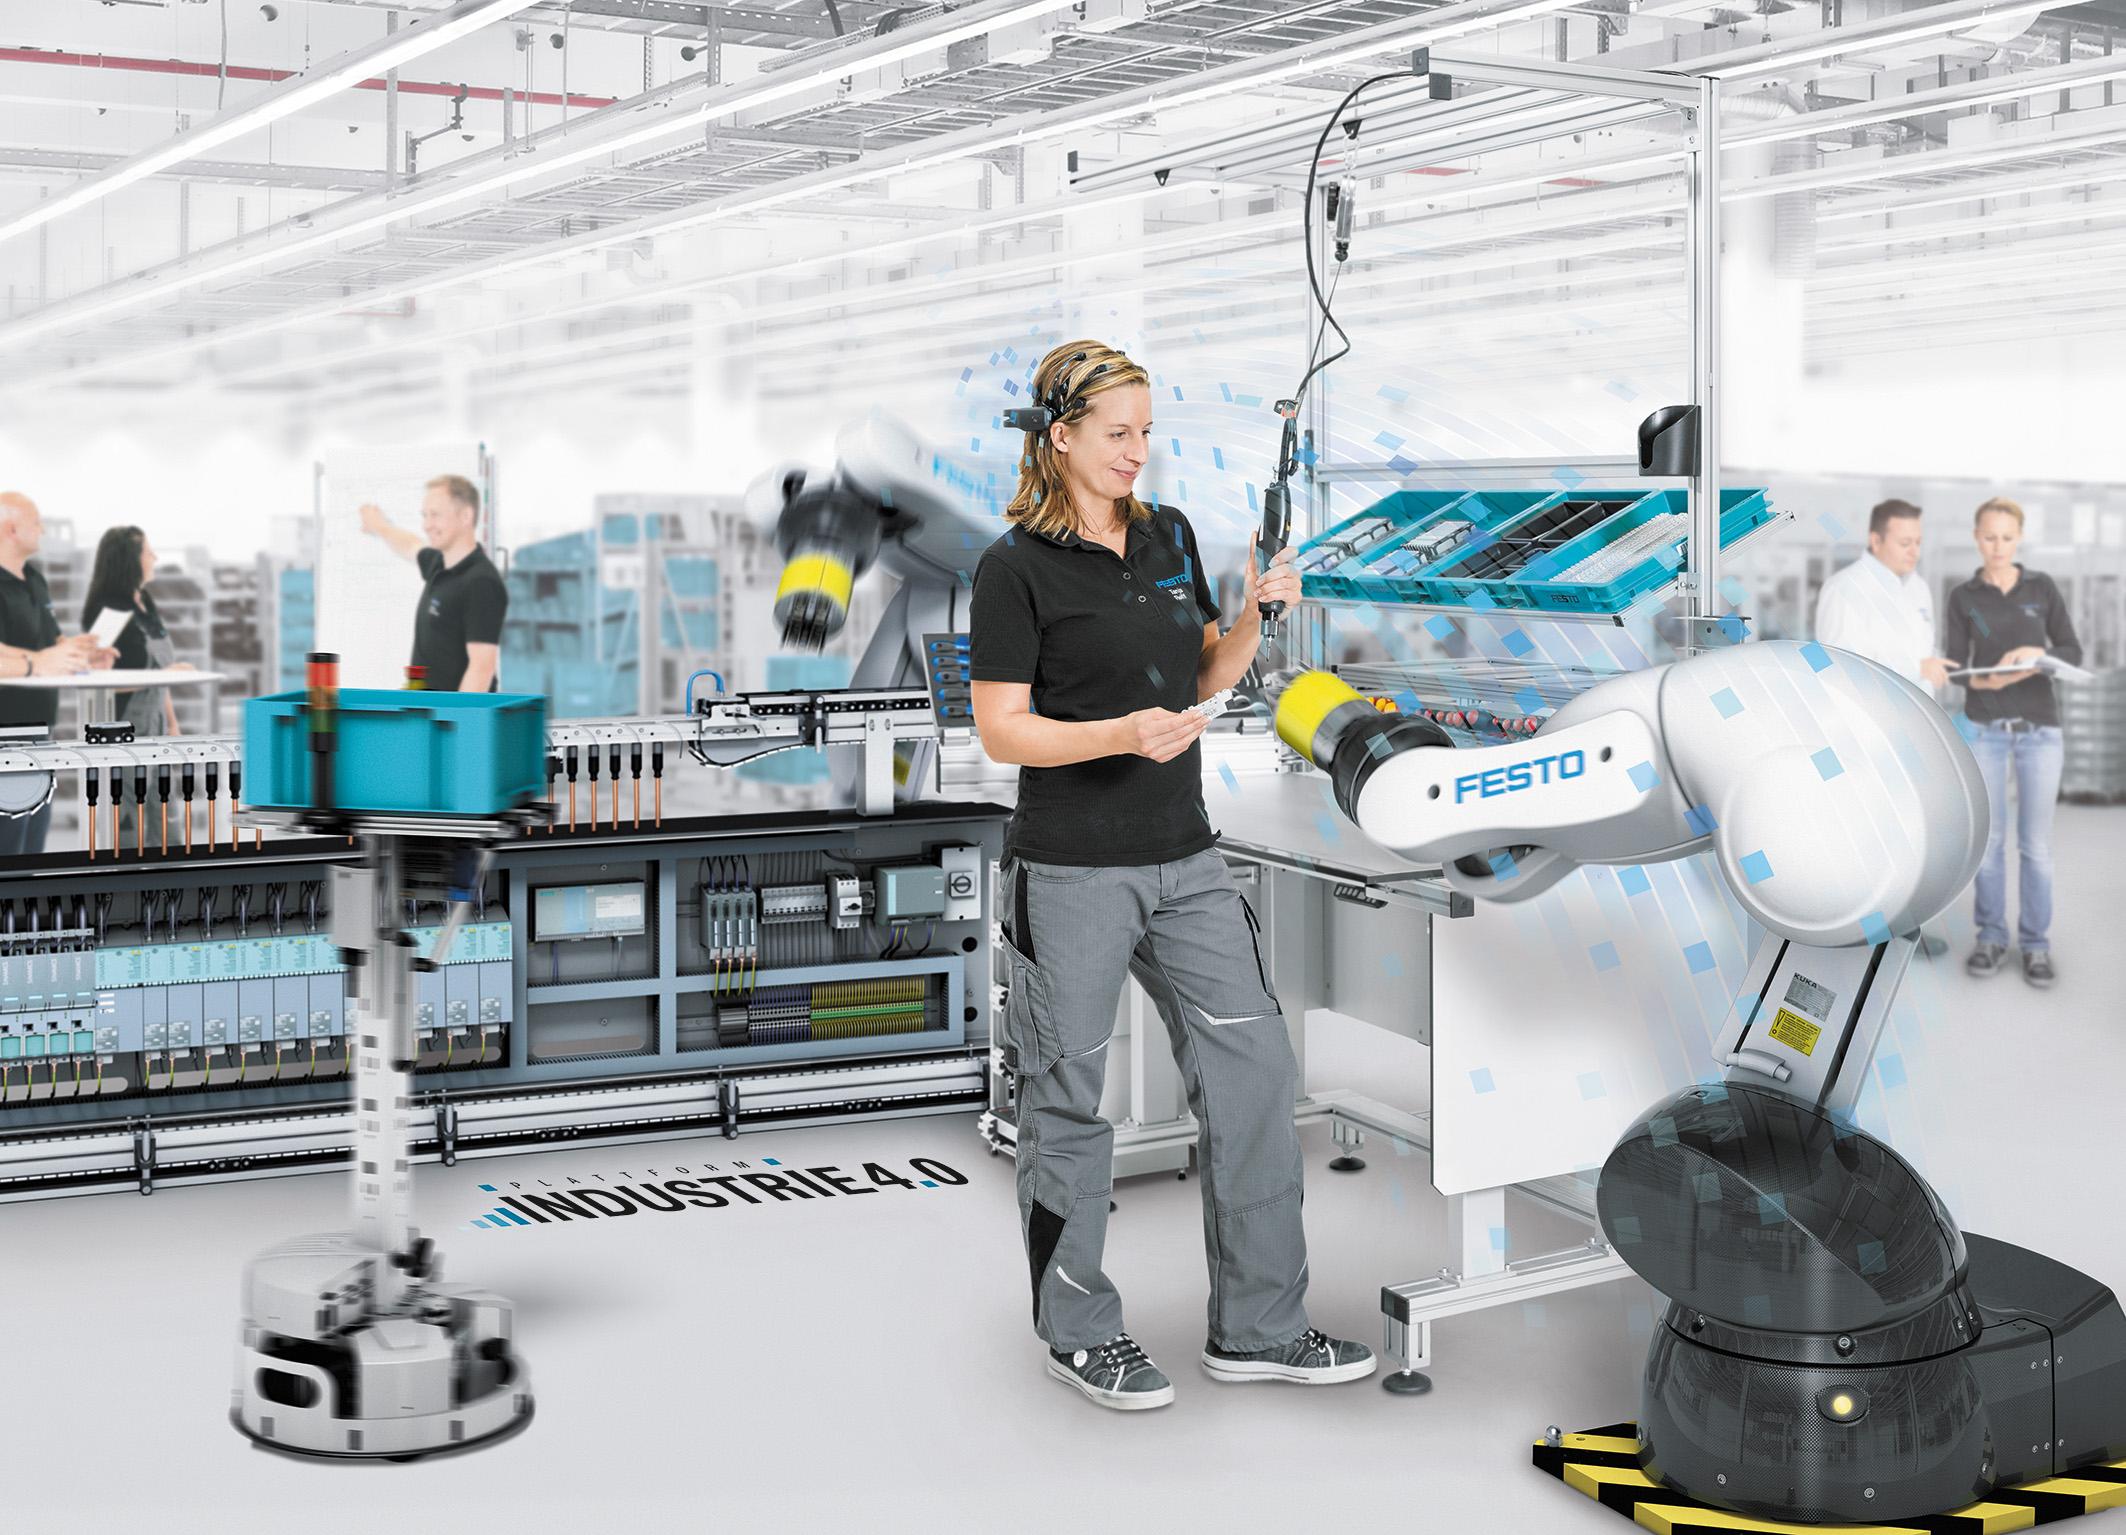 Производственные команды из человека и роботов на заводе Festo